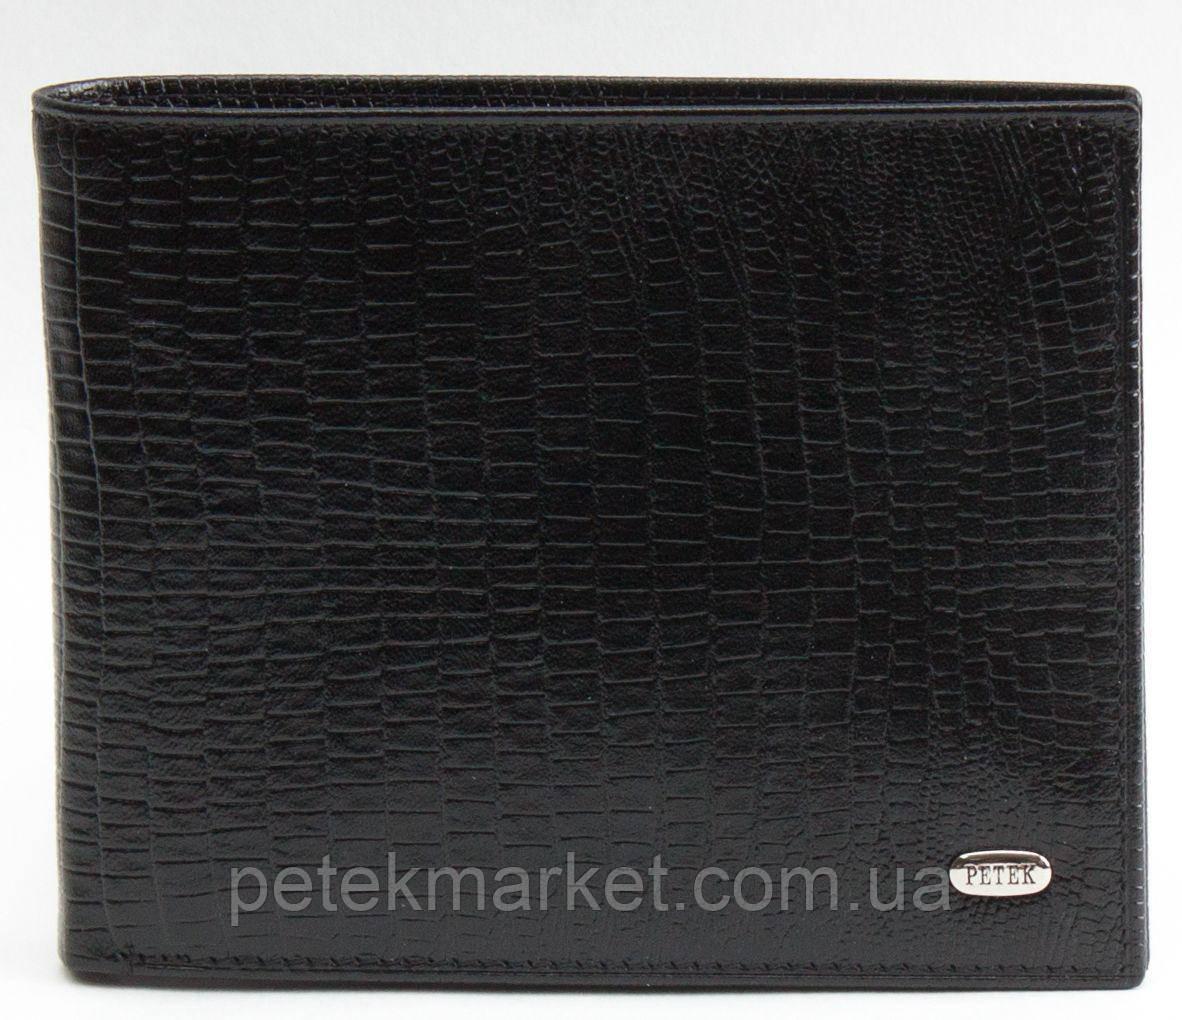 Кожаное мужское портмоне Petek 139-041-A31